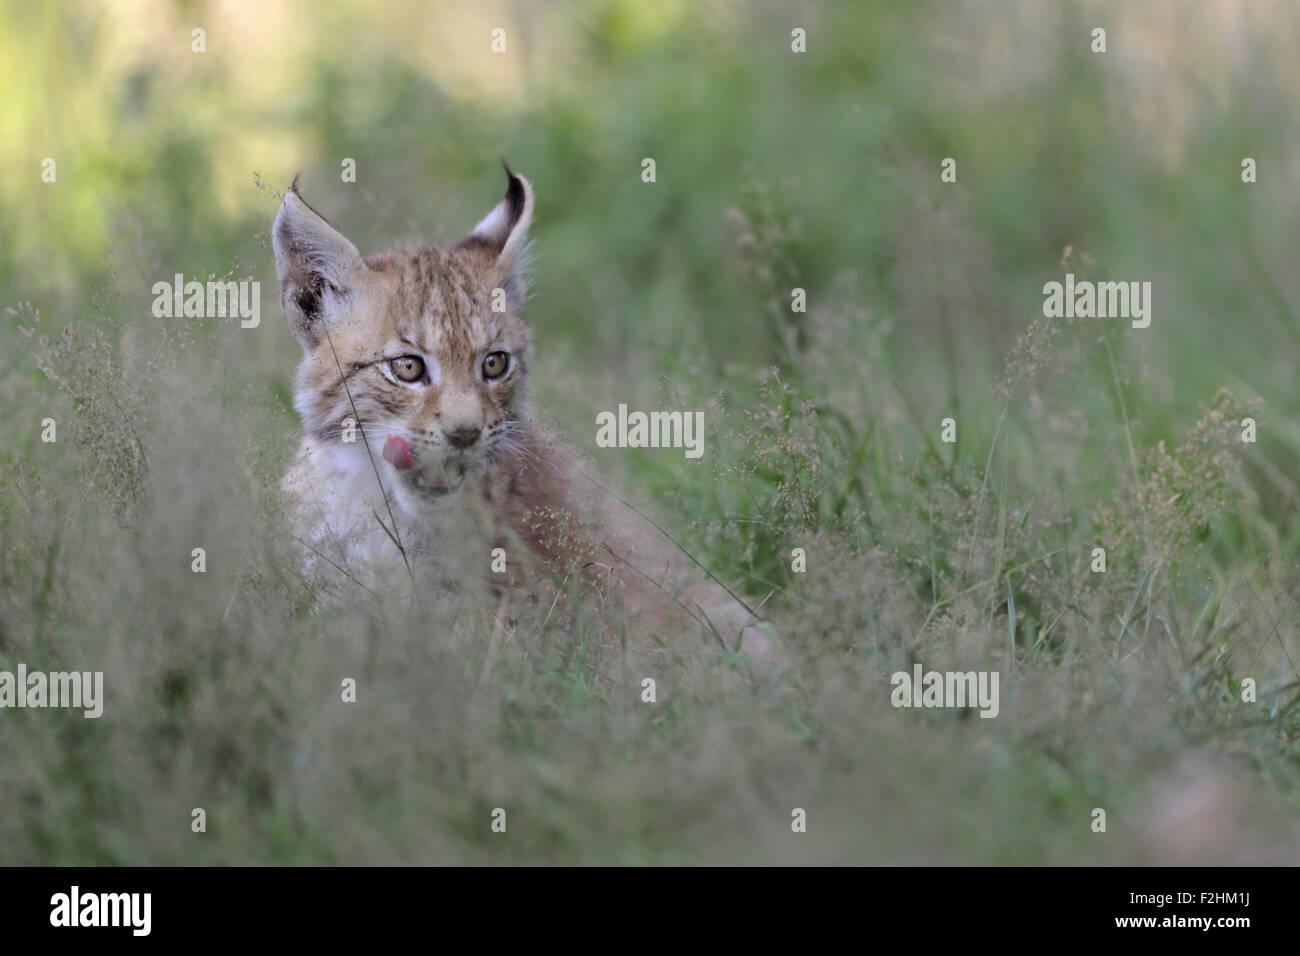 Les jeunes de cub Lynx Boréal / Eurasischer Luchs (Lynx lynx ) lèche sa langue trompeuse, a l'air drôle. Banque D'Images